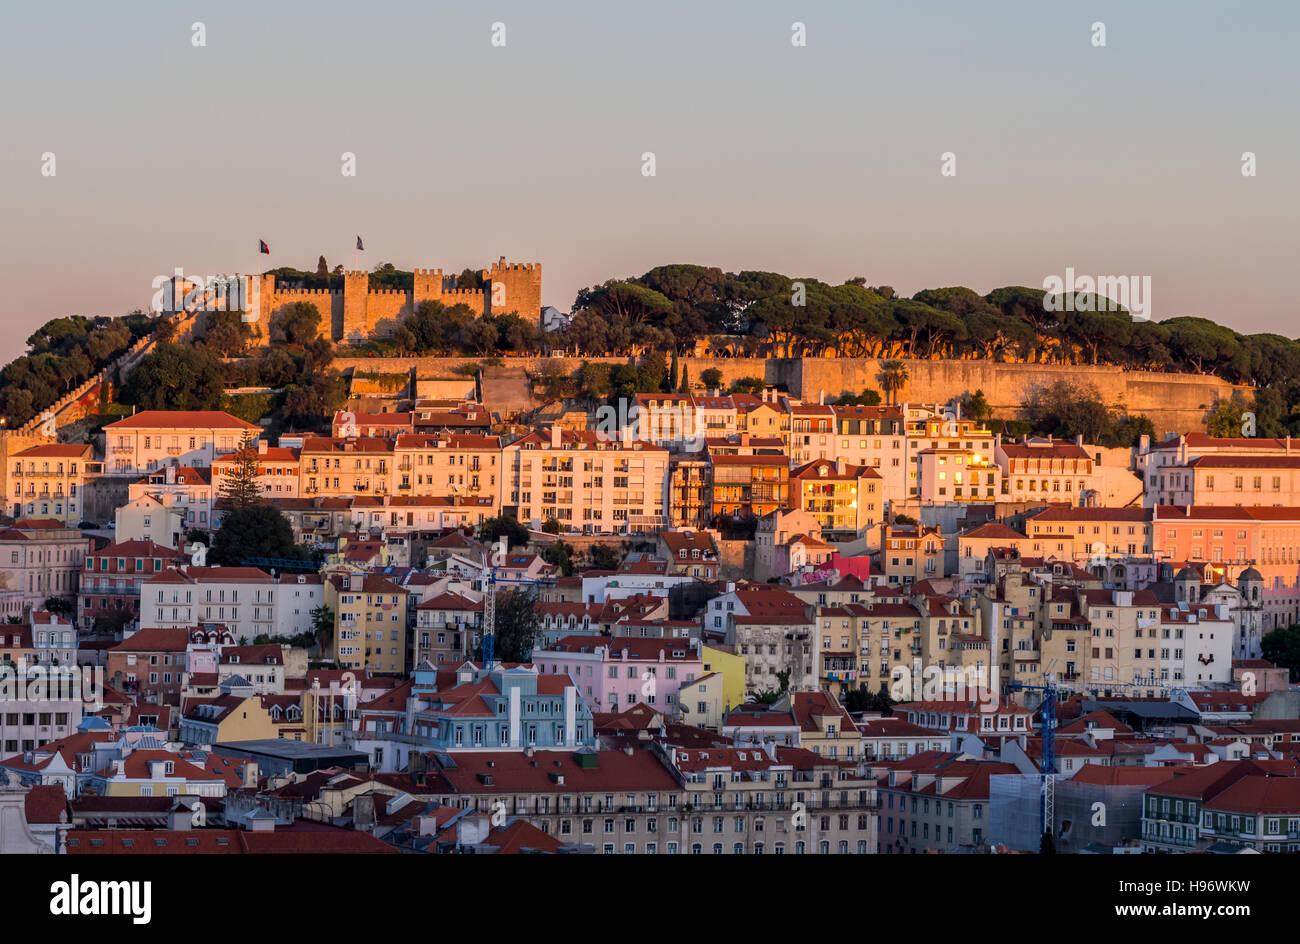 Ciudad de Lisboa, Portugal, con el castillo de Sao Jorge visto desde el Miradouro de Sao Pedro de Alcantara al atardecer. Foto de stock